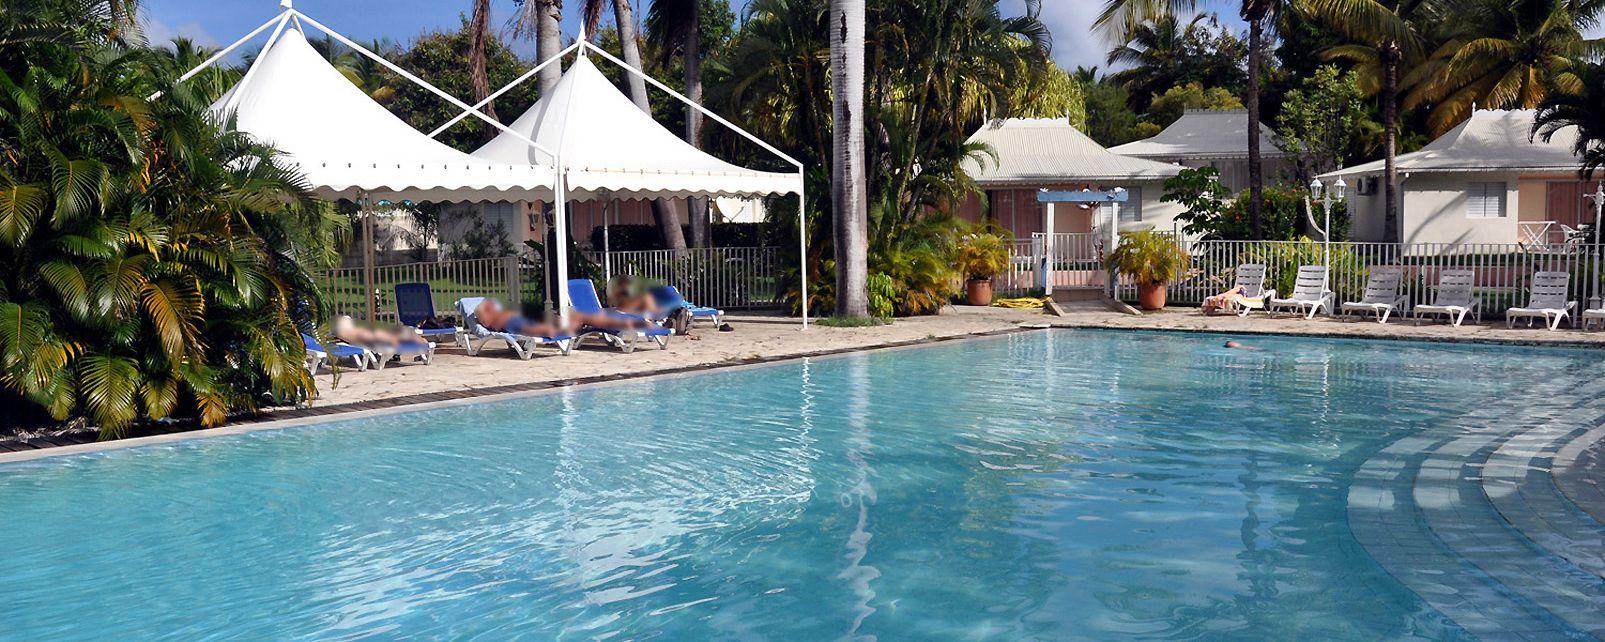 Hotel Golf Village